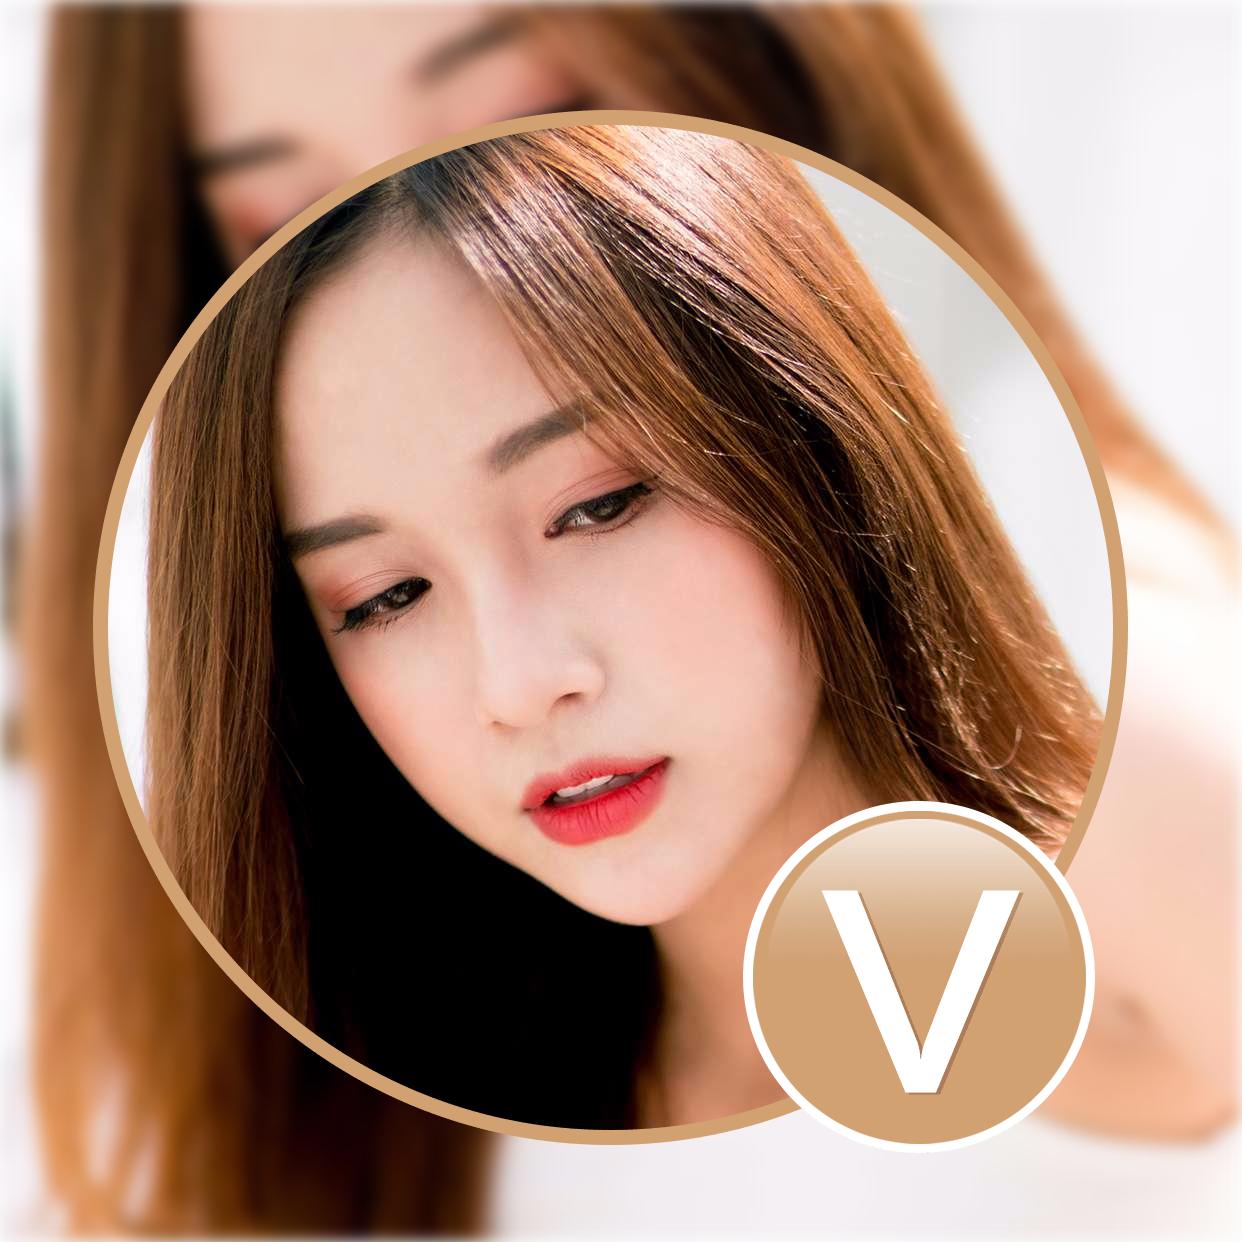 头像加V模板-画中画-黄V